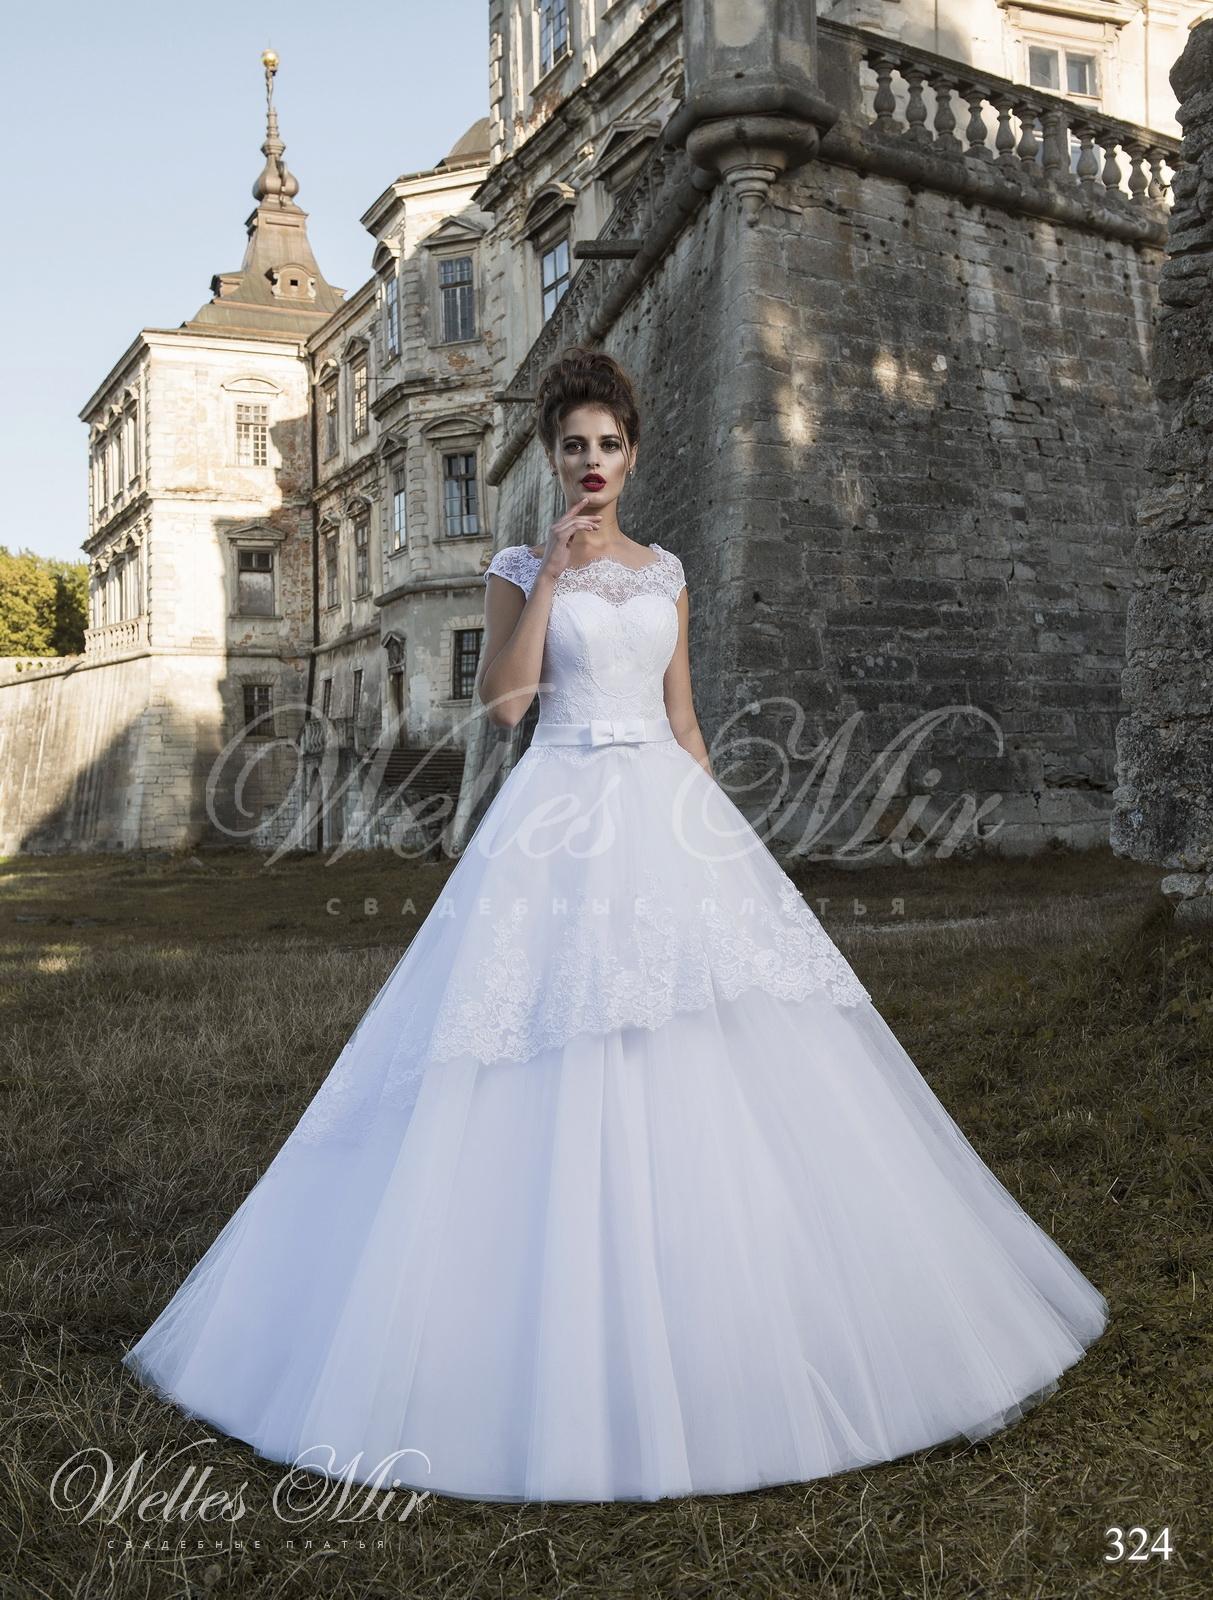 Свадебные платья Exquisite Collection - 324